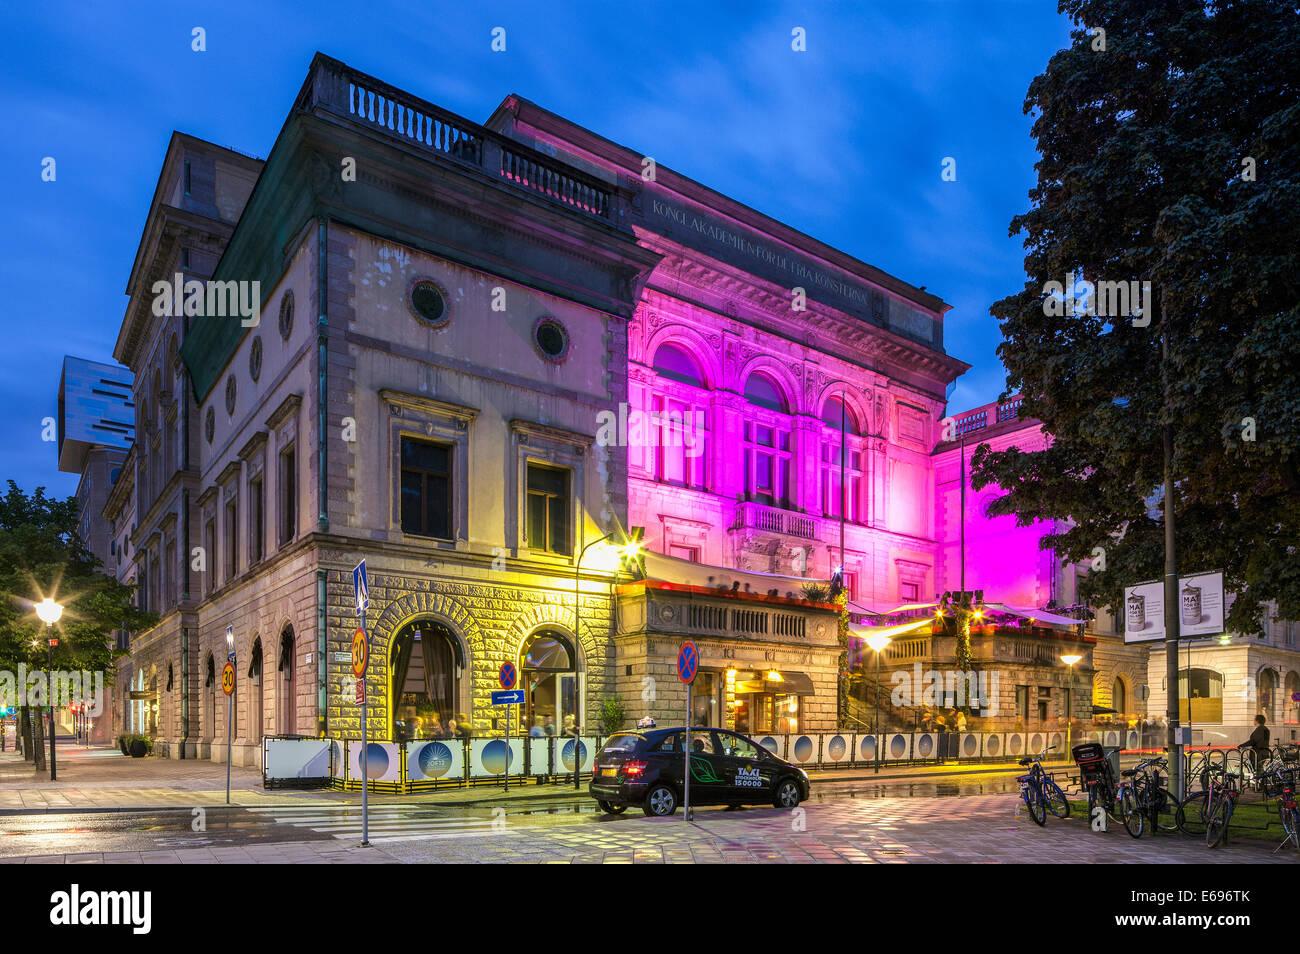 Royal Academy of Arts, Kungliga academies för de fria konsterna, Skeppsholmen, Stockholm, Stockholms län - Stock Image